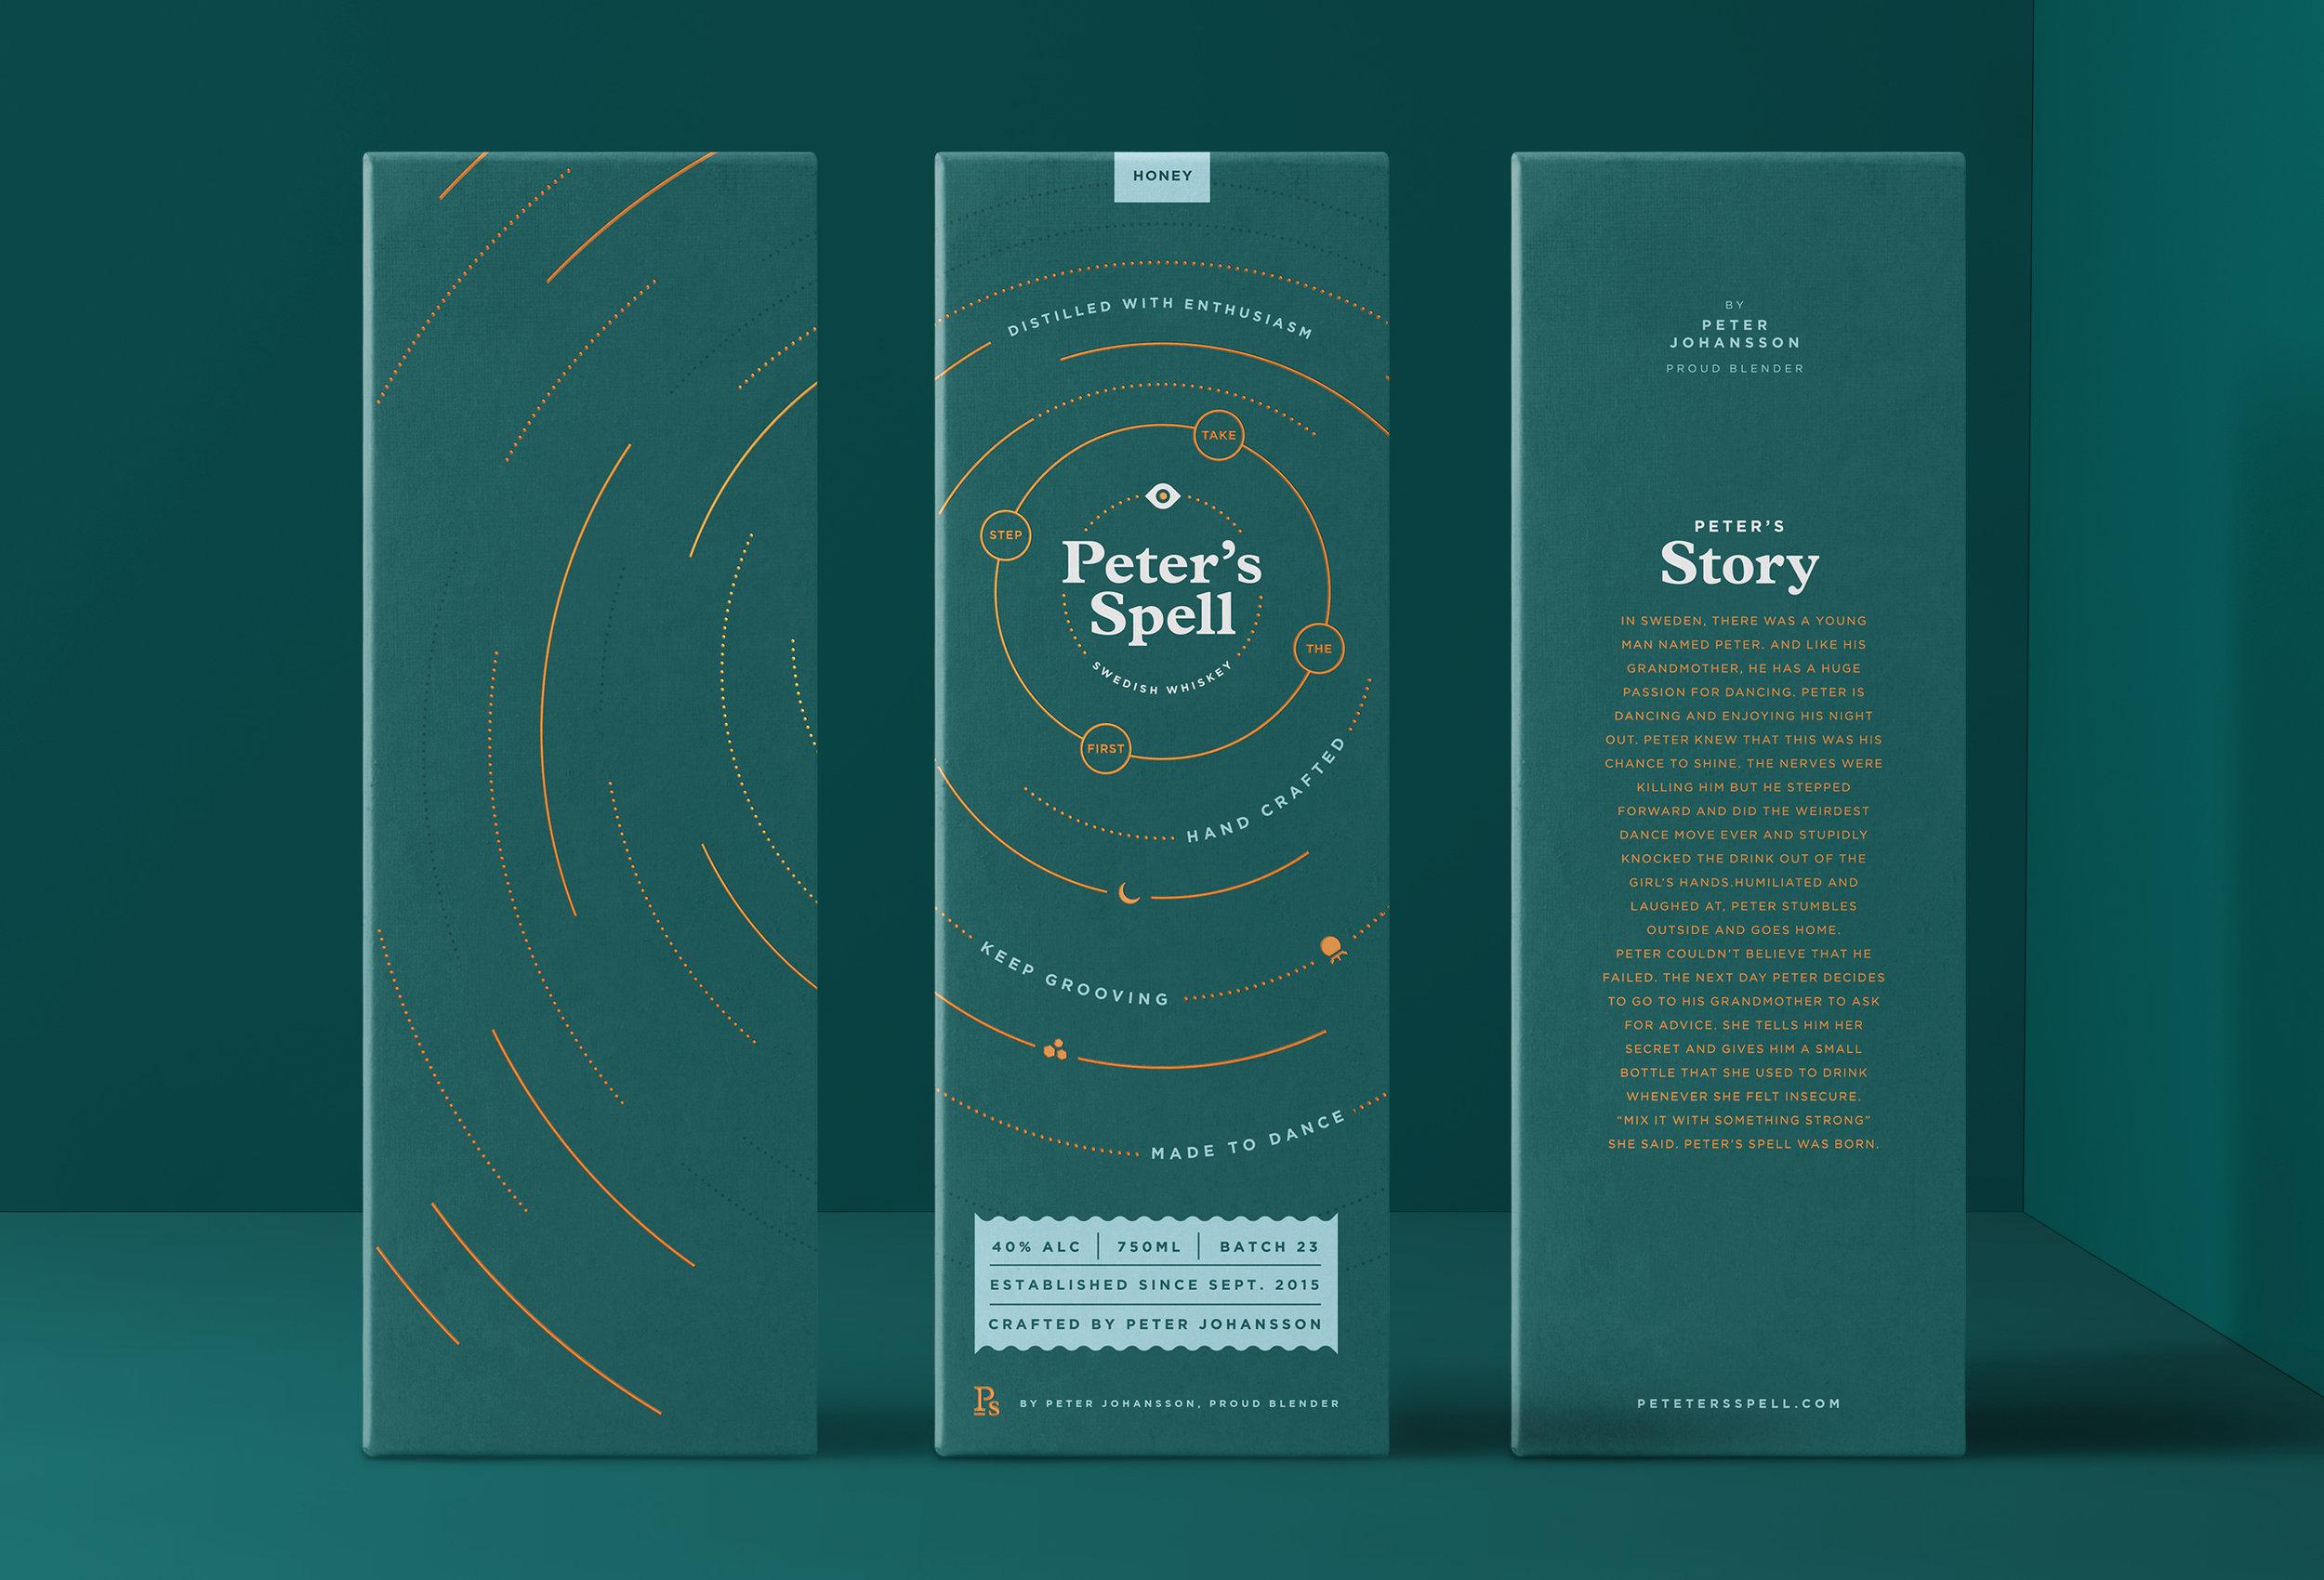 Packaging_Mockup_Winebox_Honey.jpg